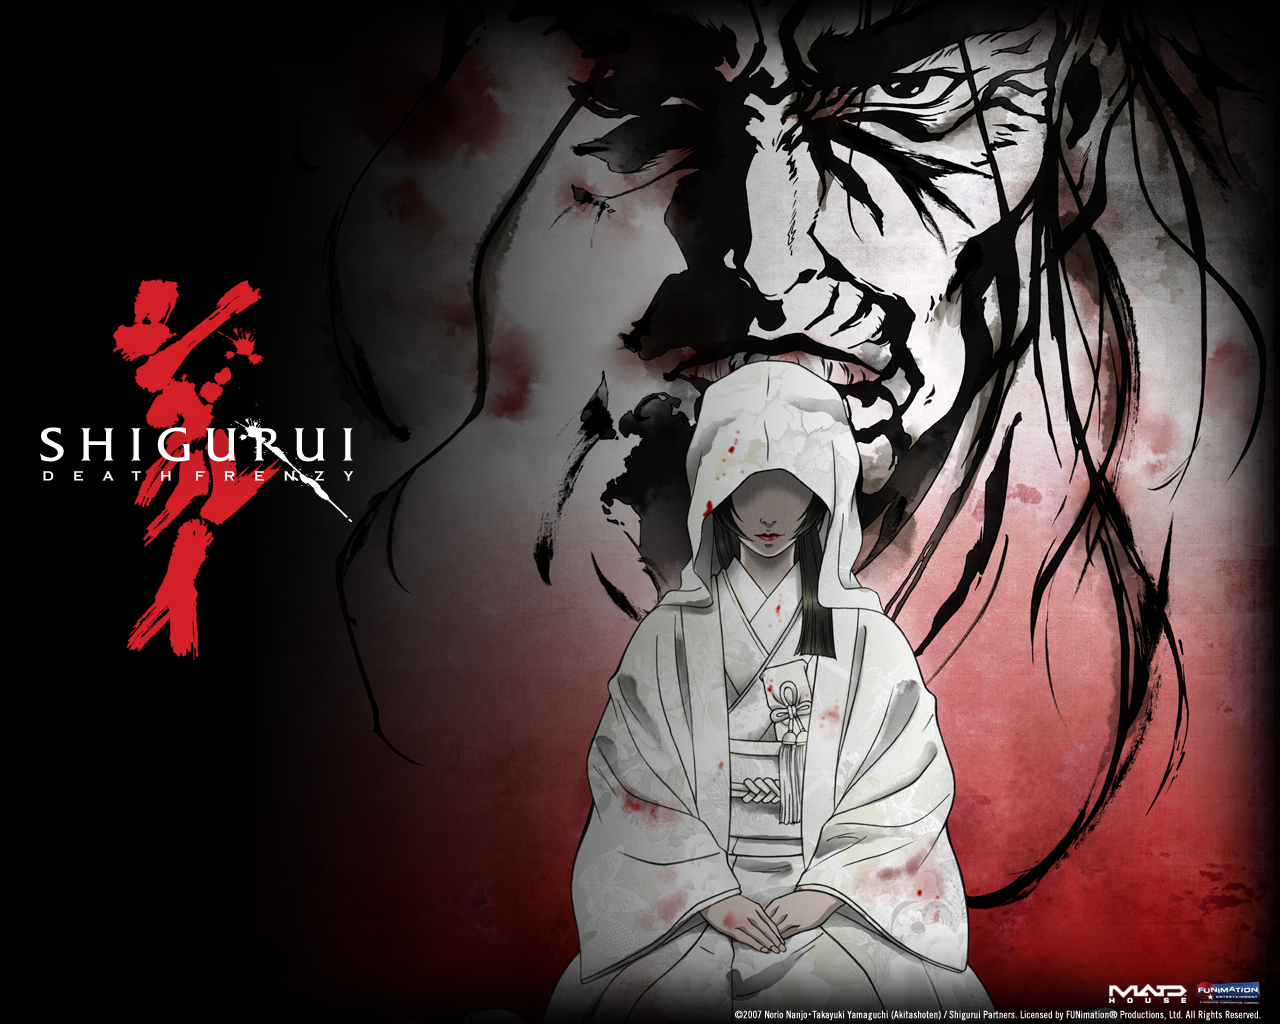 shigurui_death_frenzy_001_1280x1024.